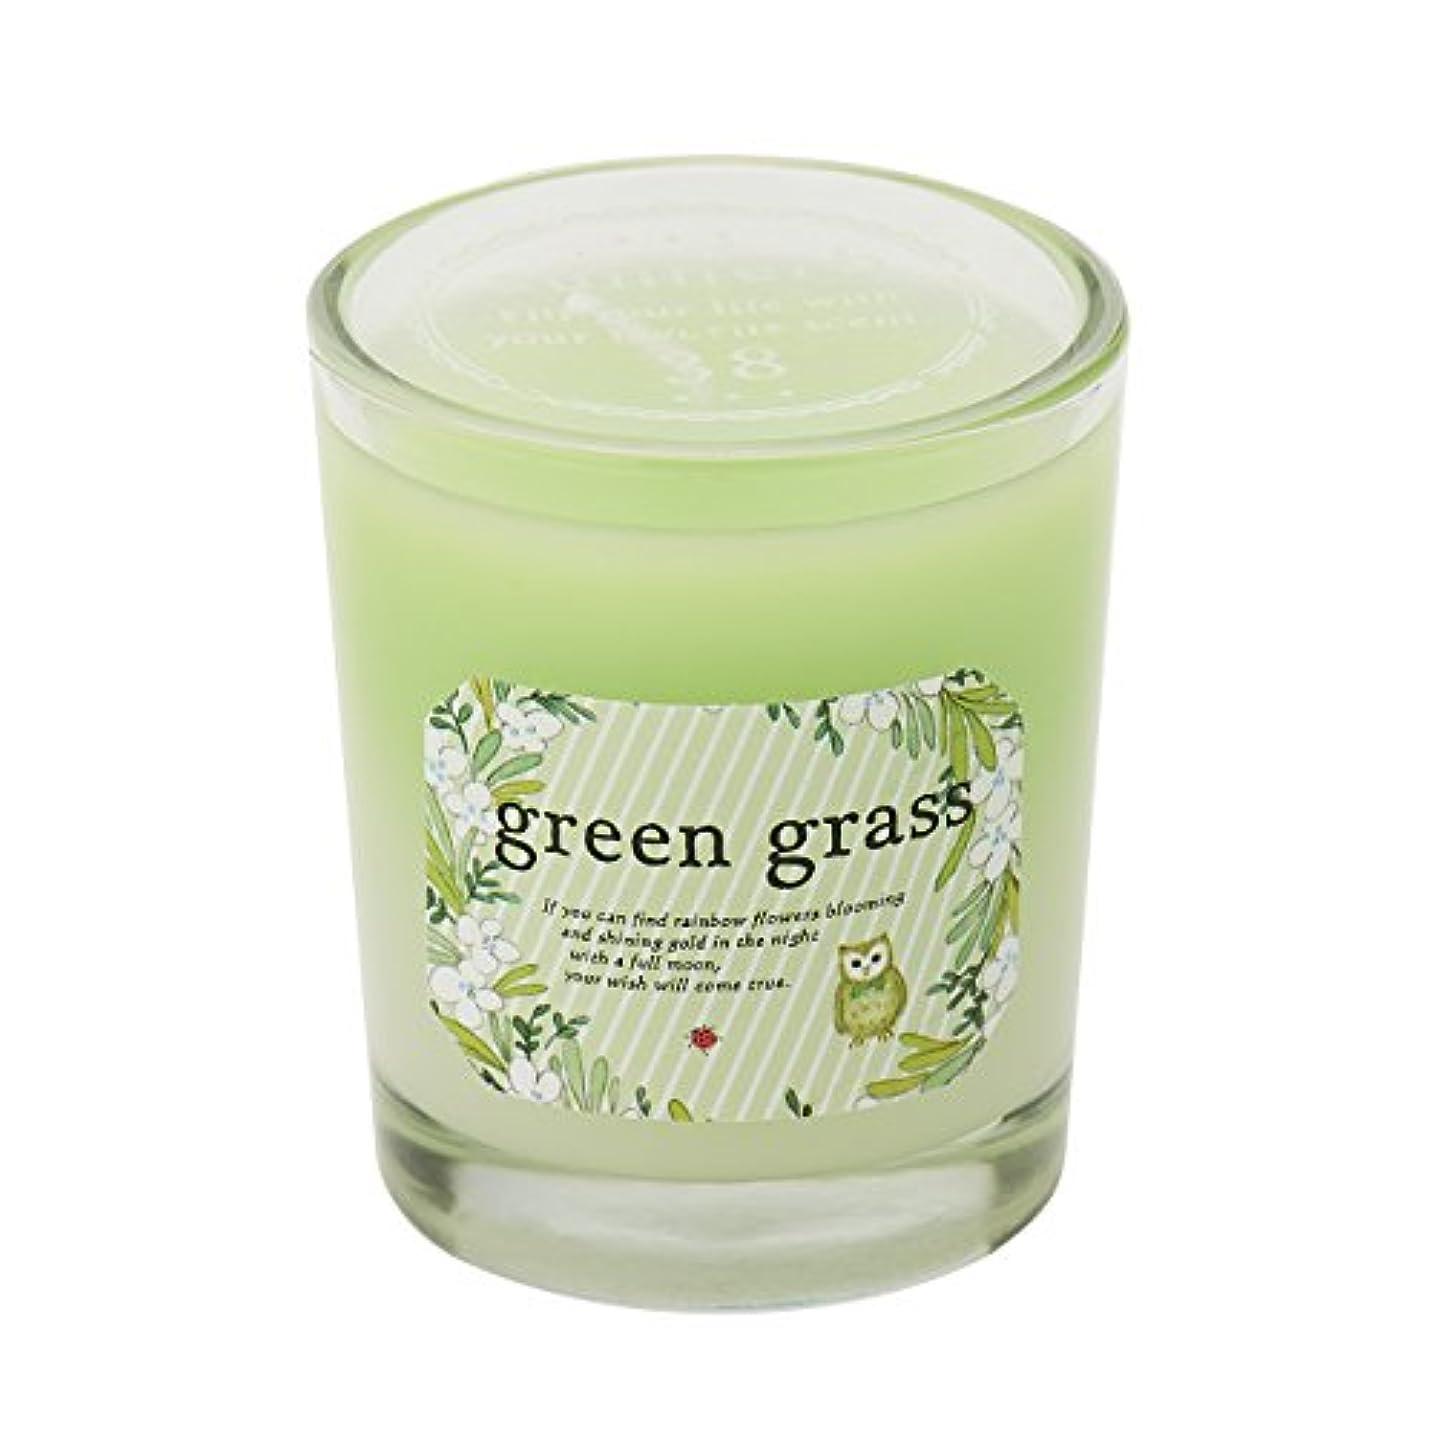 ディスパッチ噂含むサンハーブ グラスキャンドル グリーングラス 35g(グラデーションろうそく 燃焼時間約10時間 爽やかでちょっと大人の香り)